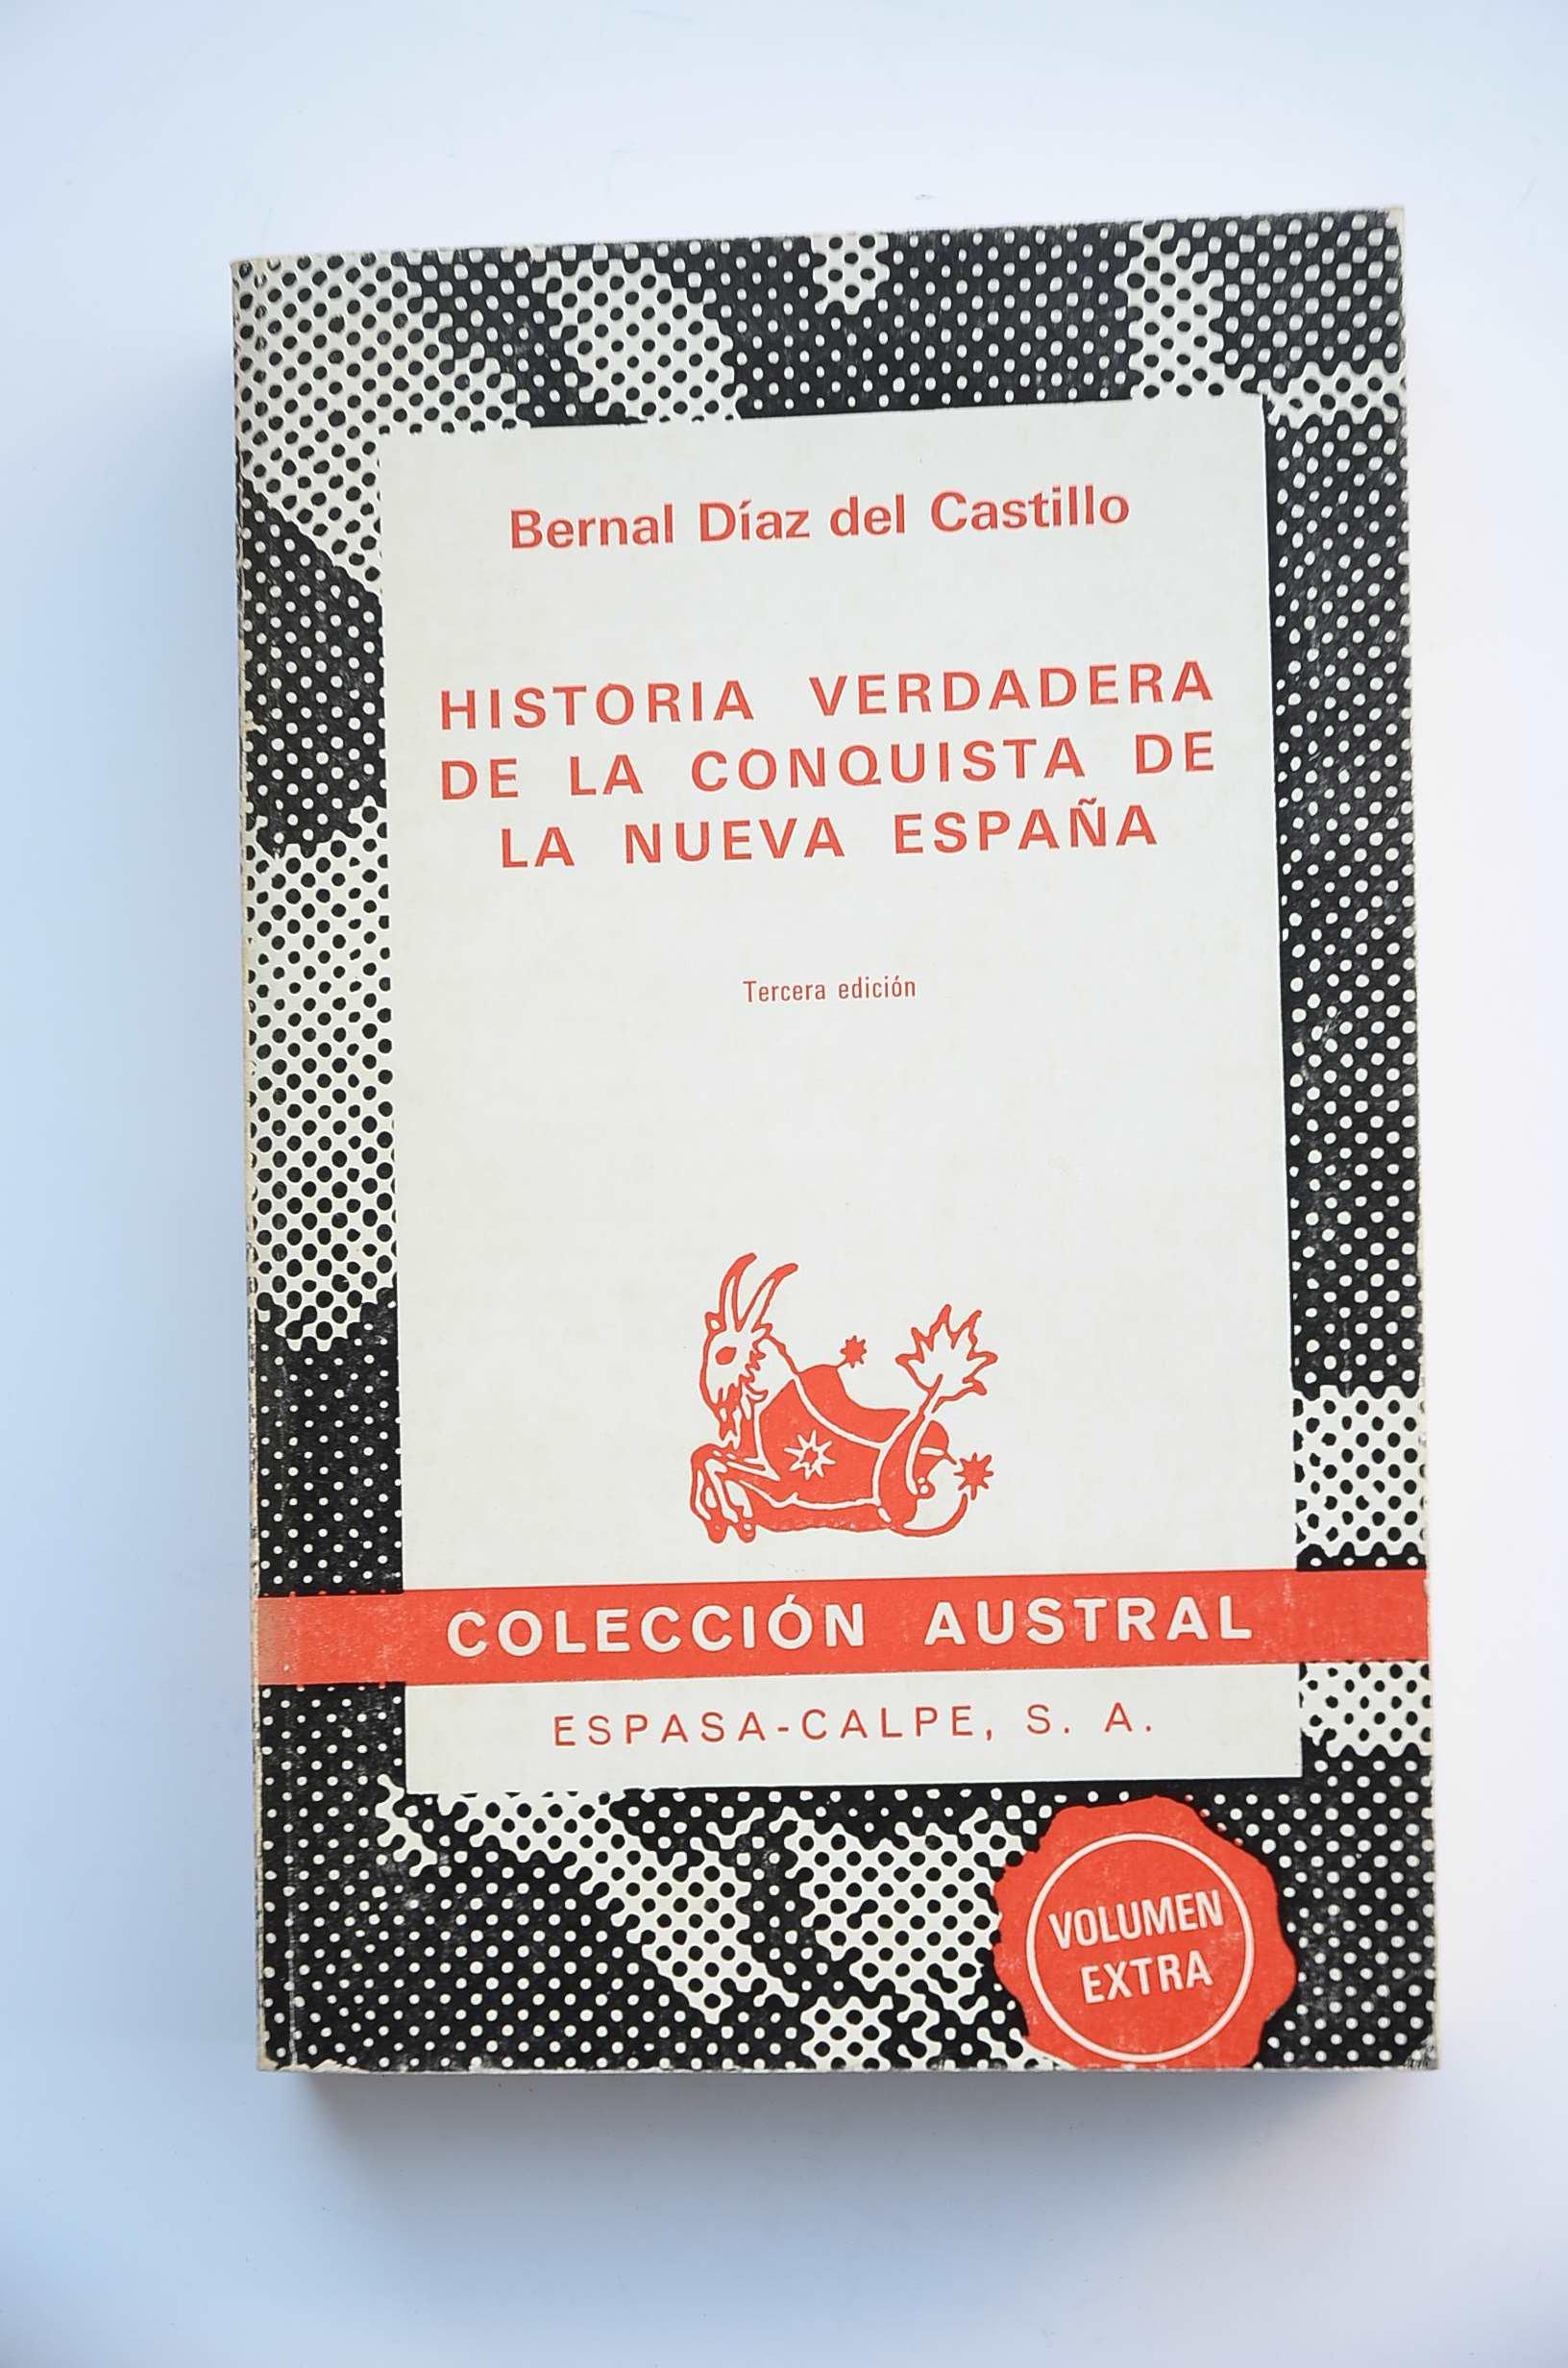 Historia verdadera de la conquistade la nueva España: Amazon.es: Castillo, Bernal Diaz Del: Libros en idiomas extranjeros